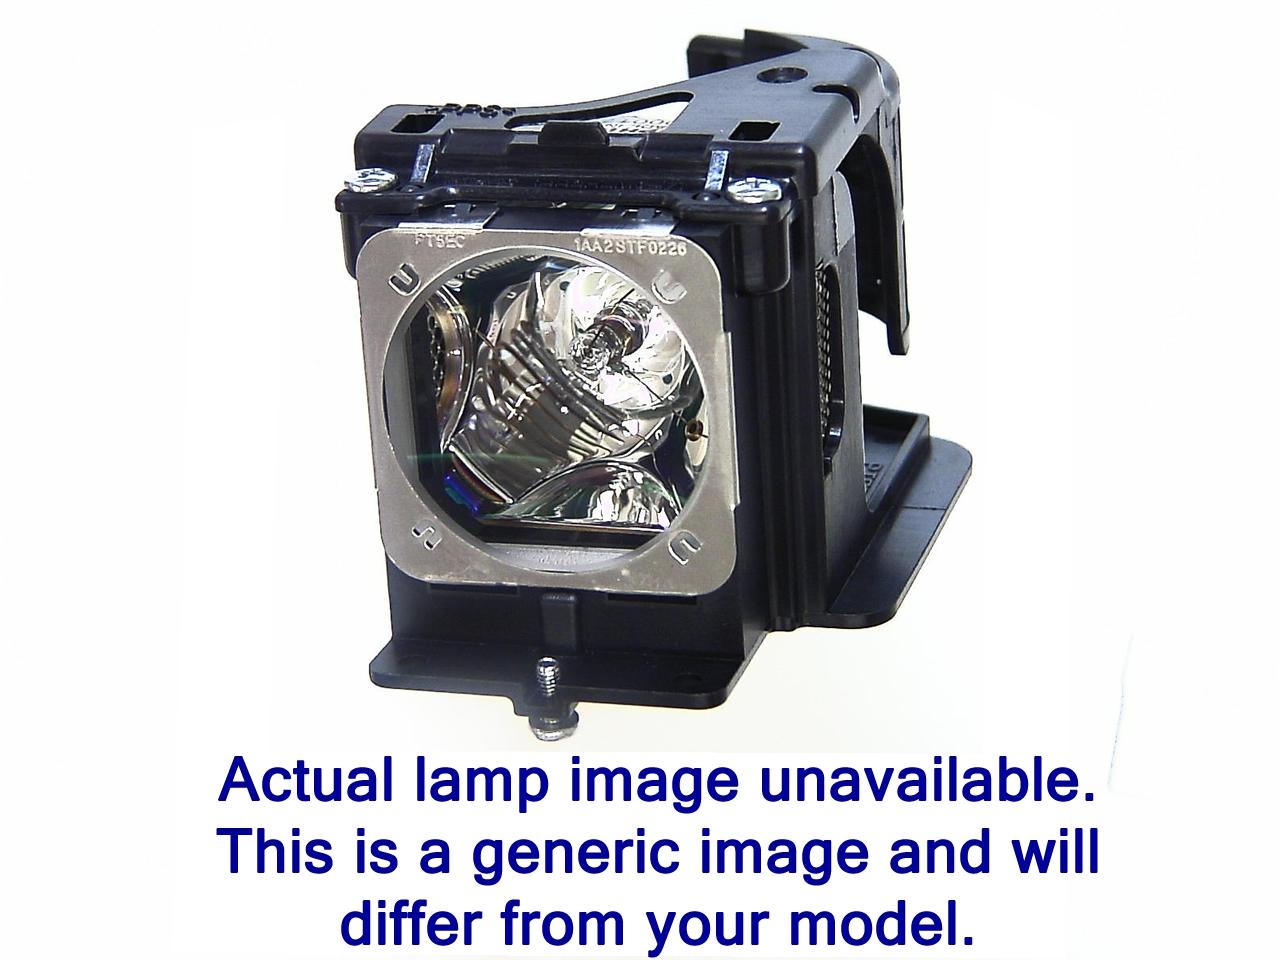 Diamond Lámpara For GEHA C 216 Proyector.